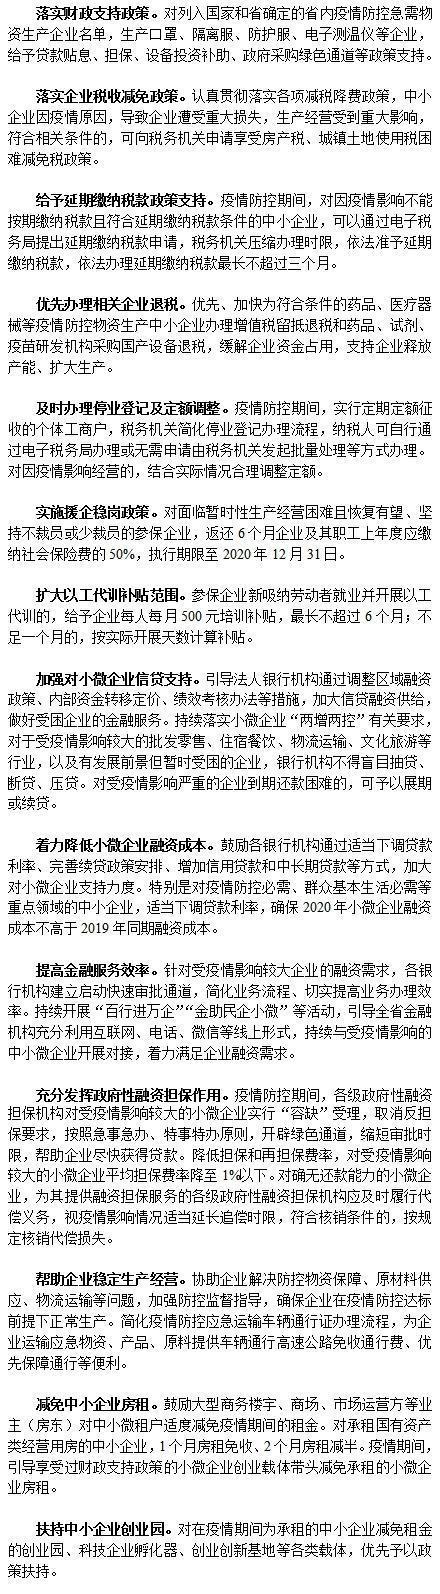 「光明网」重磅14条!黑龙江中小企业无忧了